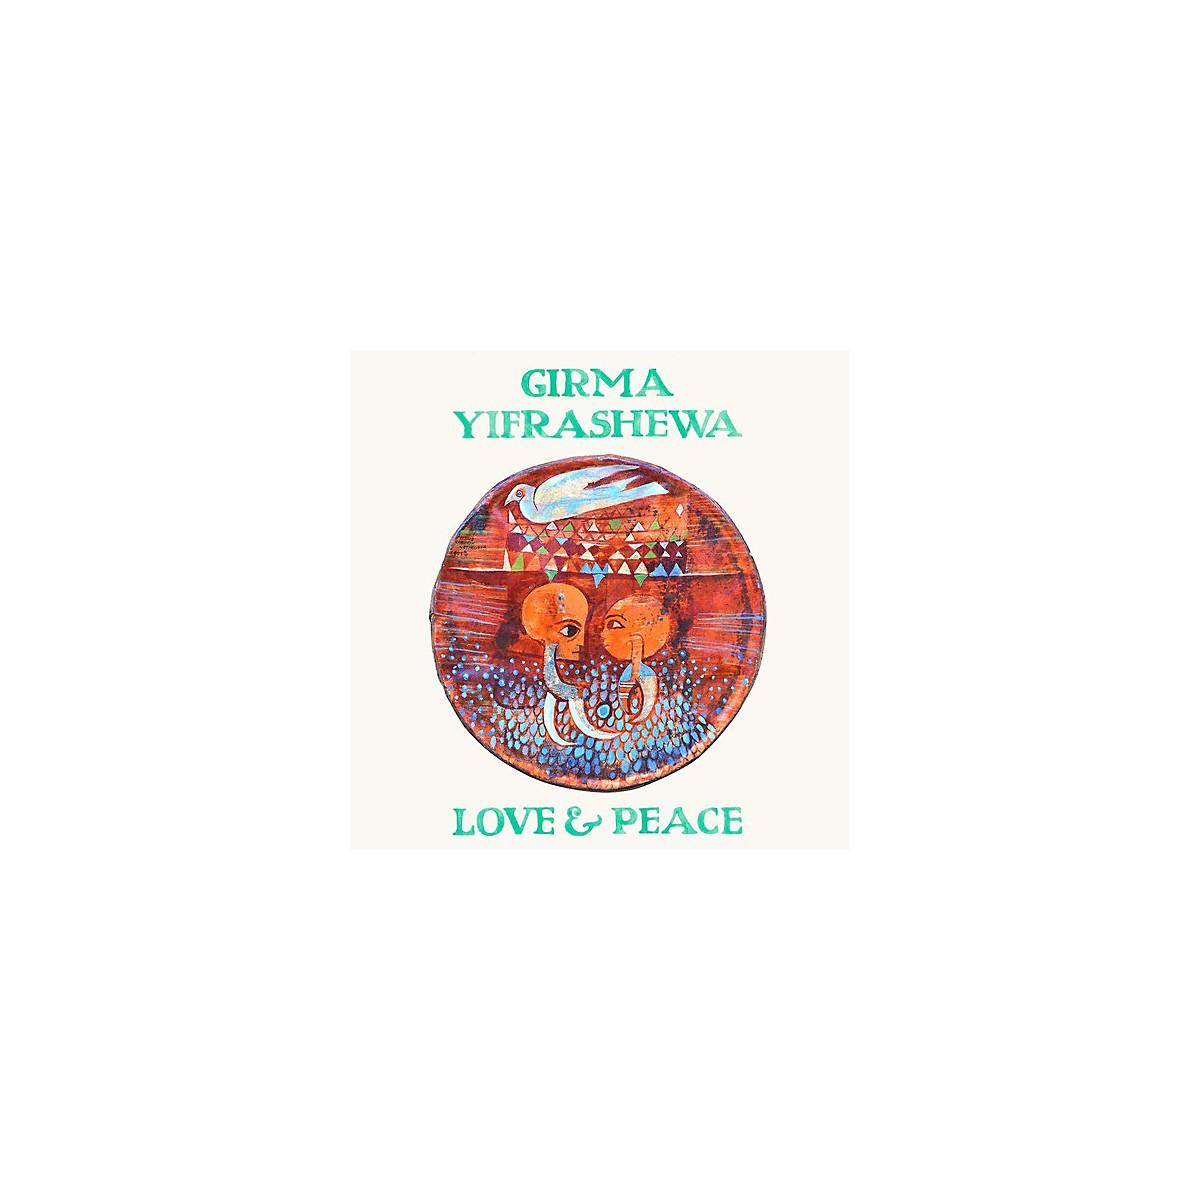 Alliance Girma Yifrashewa - LOVE & PEACE